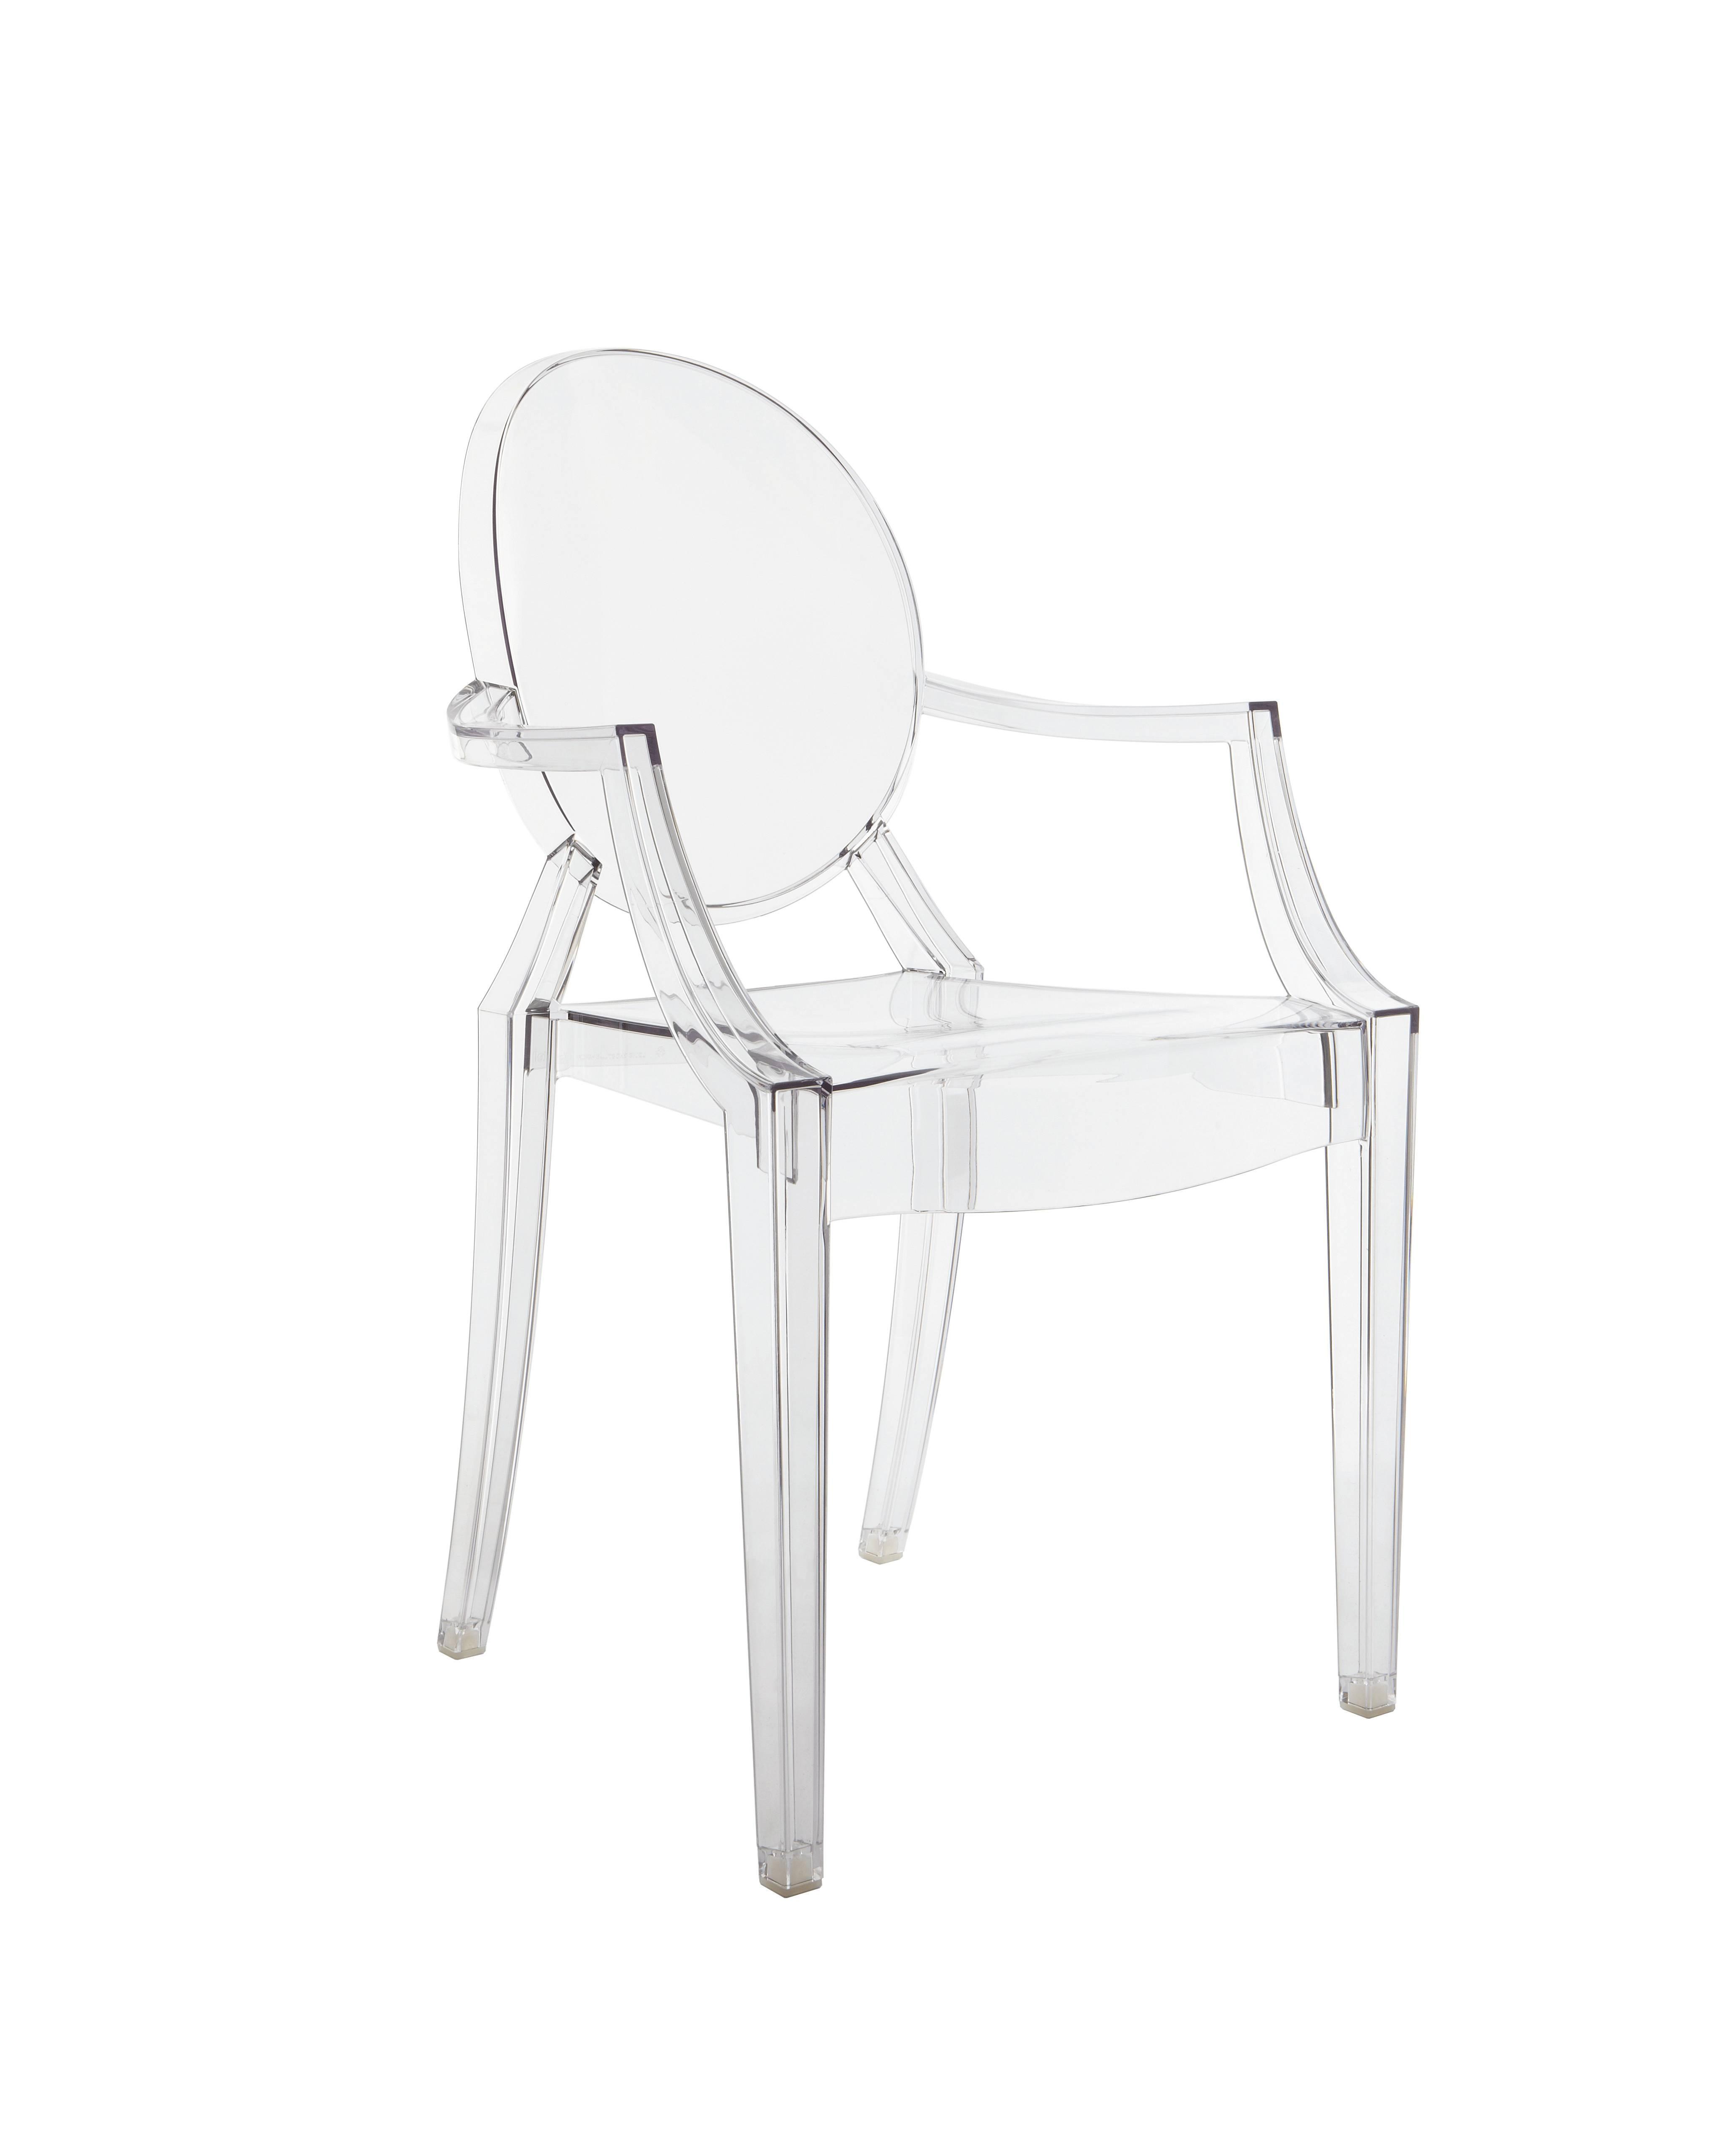 Cadeira Louis Ghost, do designer Philippe Starck, um clássico da marca. Foto: Divulgação